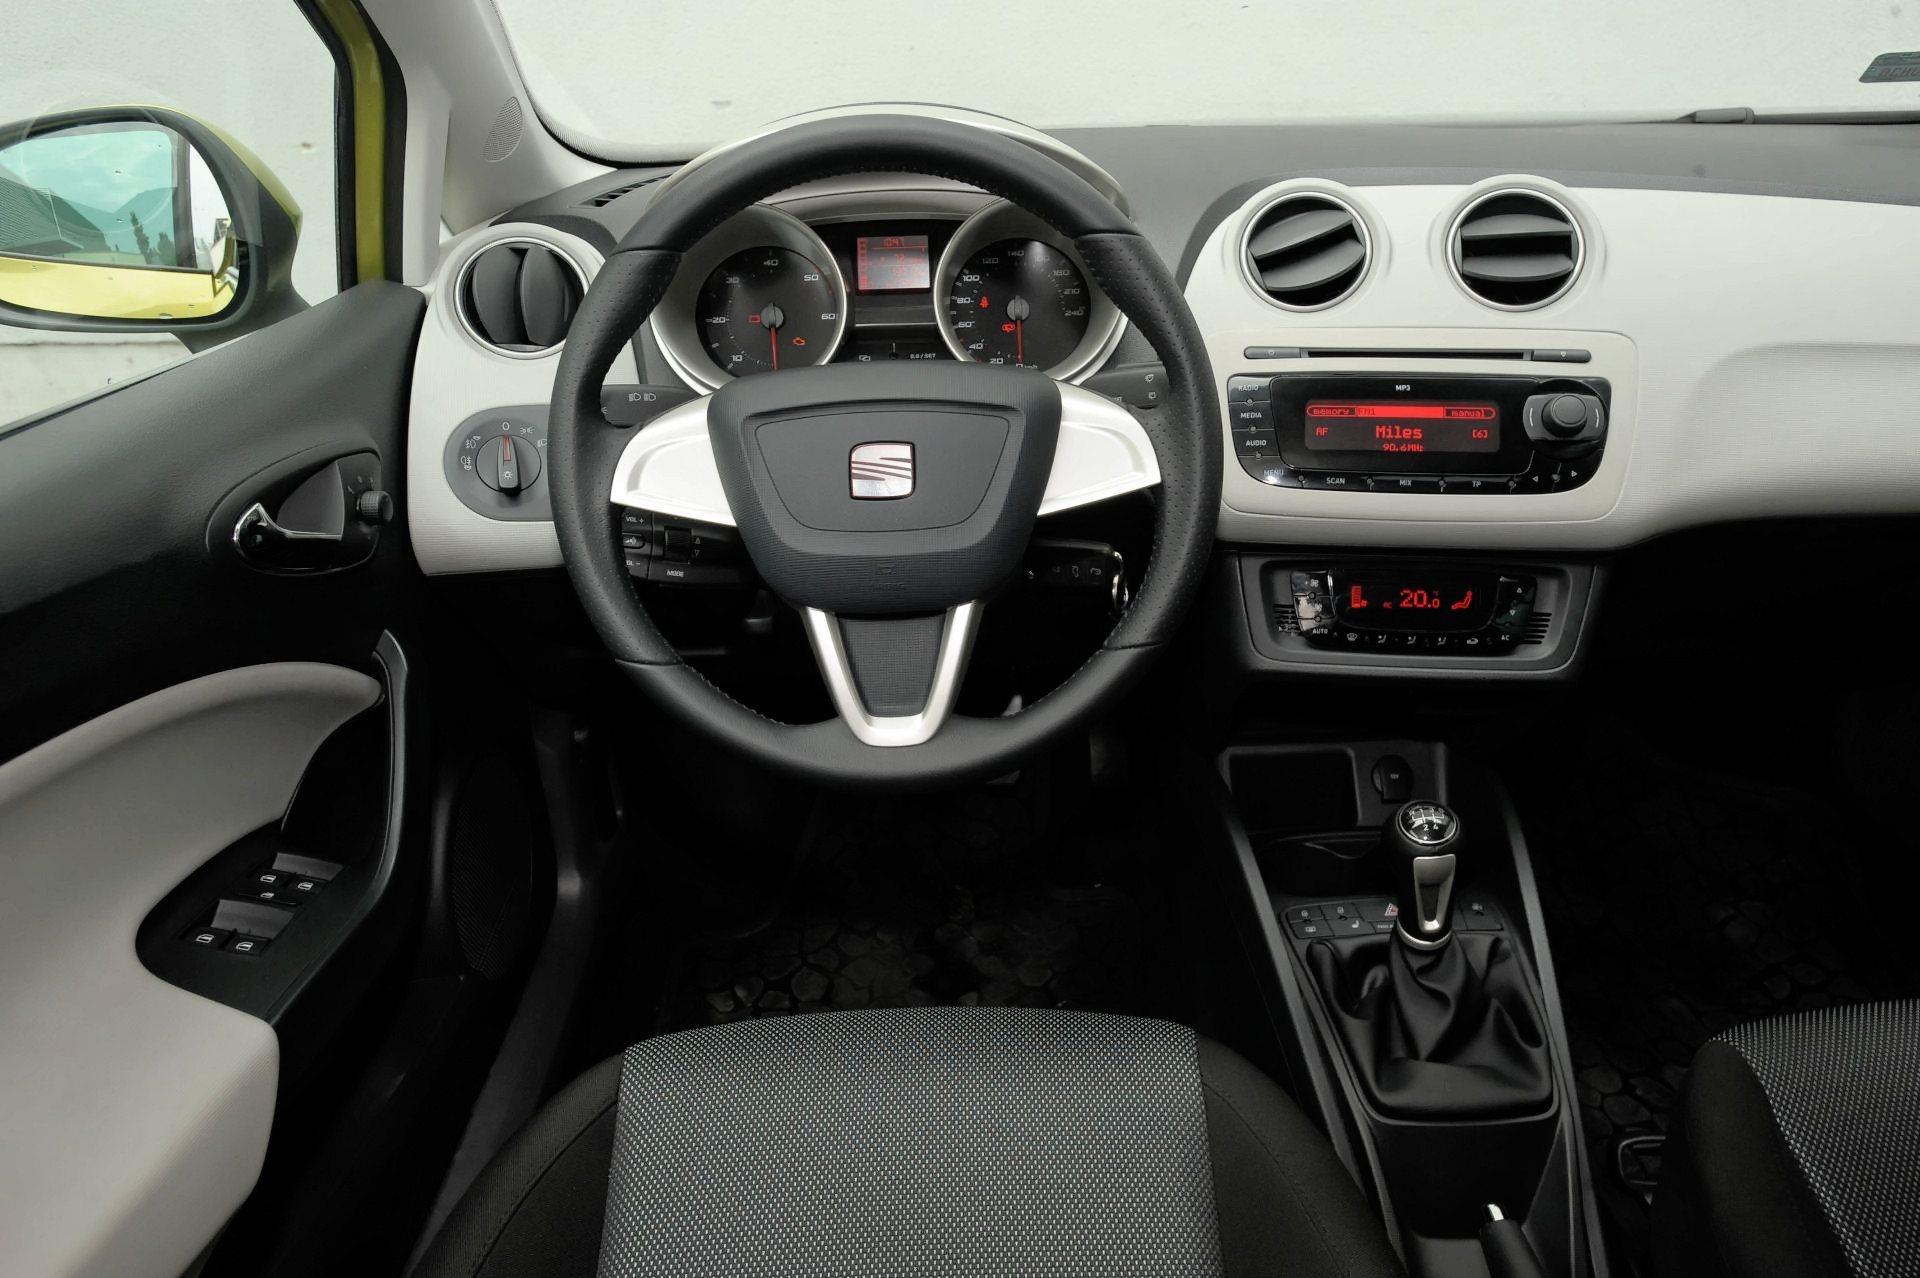 Nowoczesna architektura Używany Seat Ibiza IV (2008-2017) - opinie kierowców, wady i zalety NX86